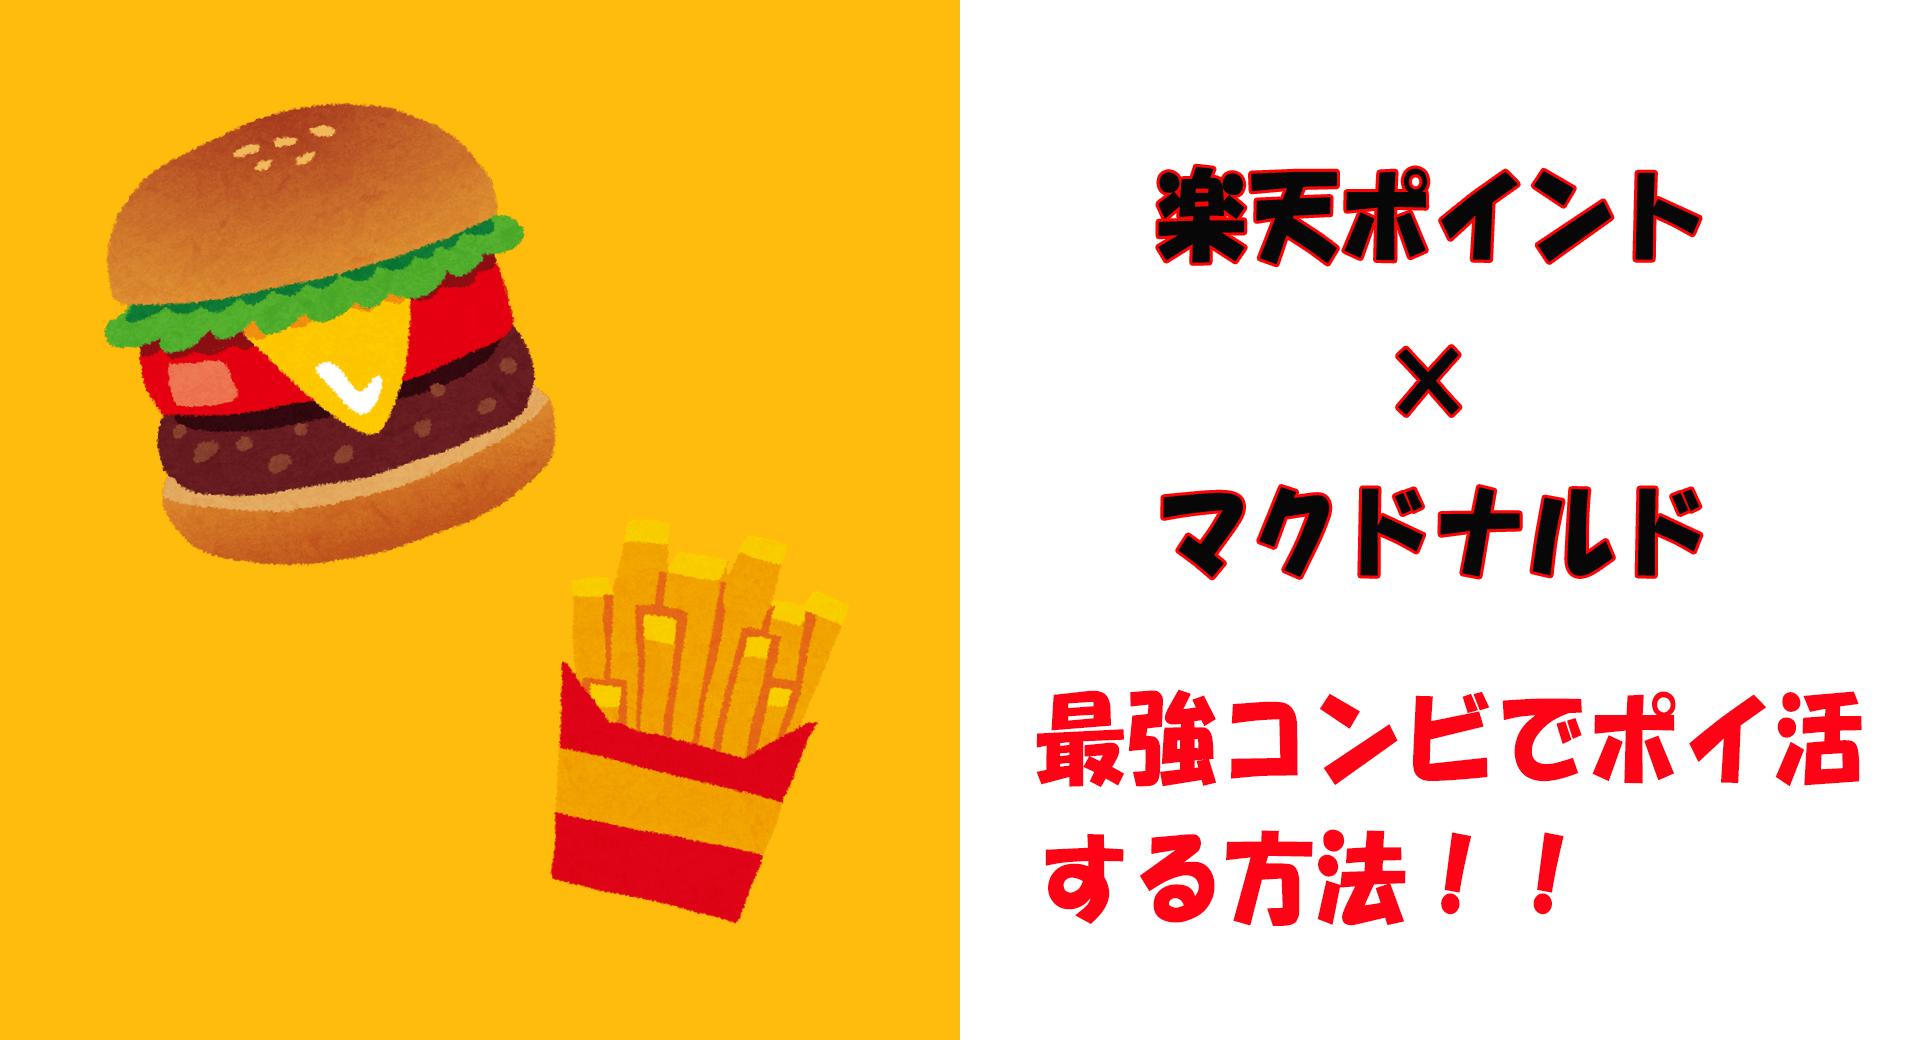 楽天ポイント×マクドナルド